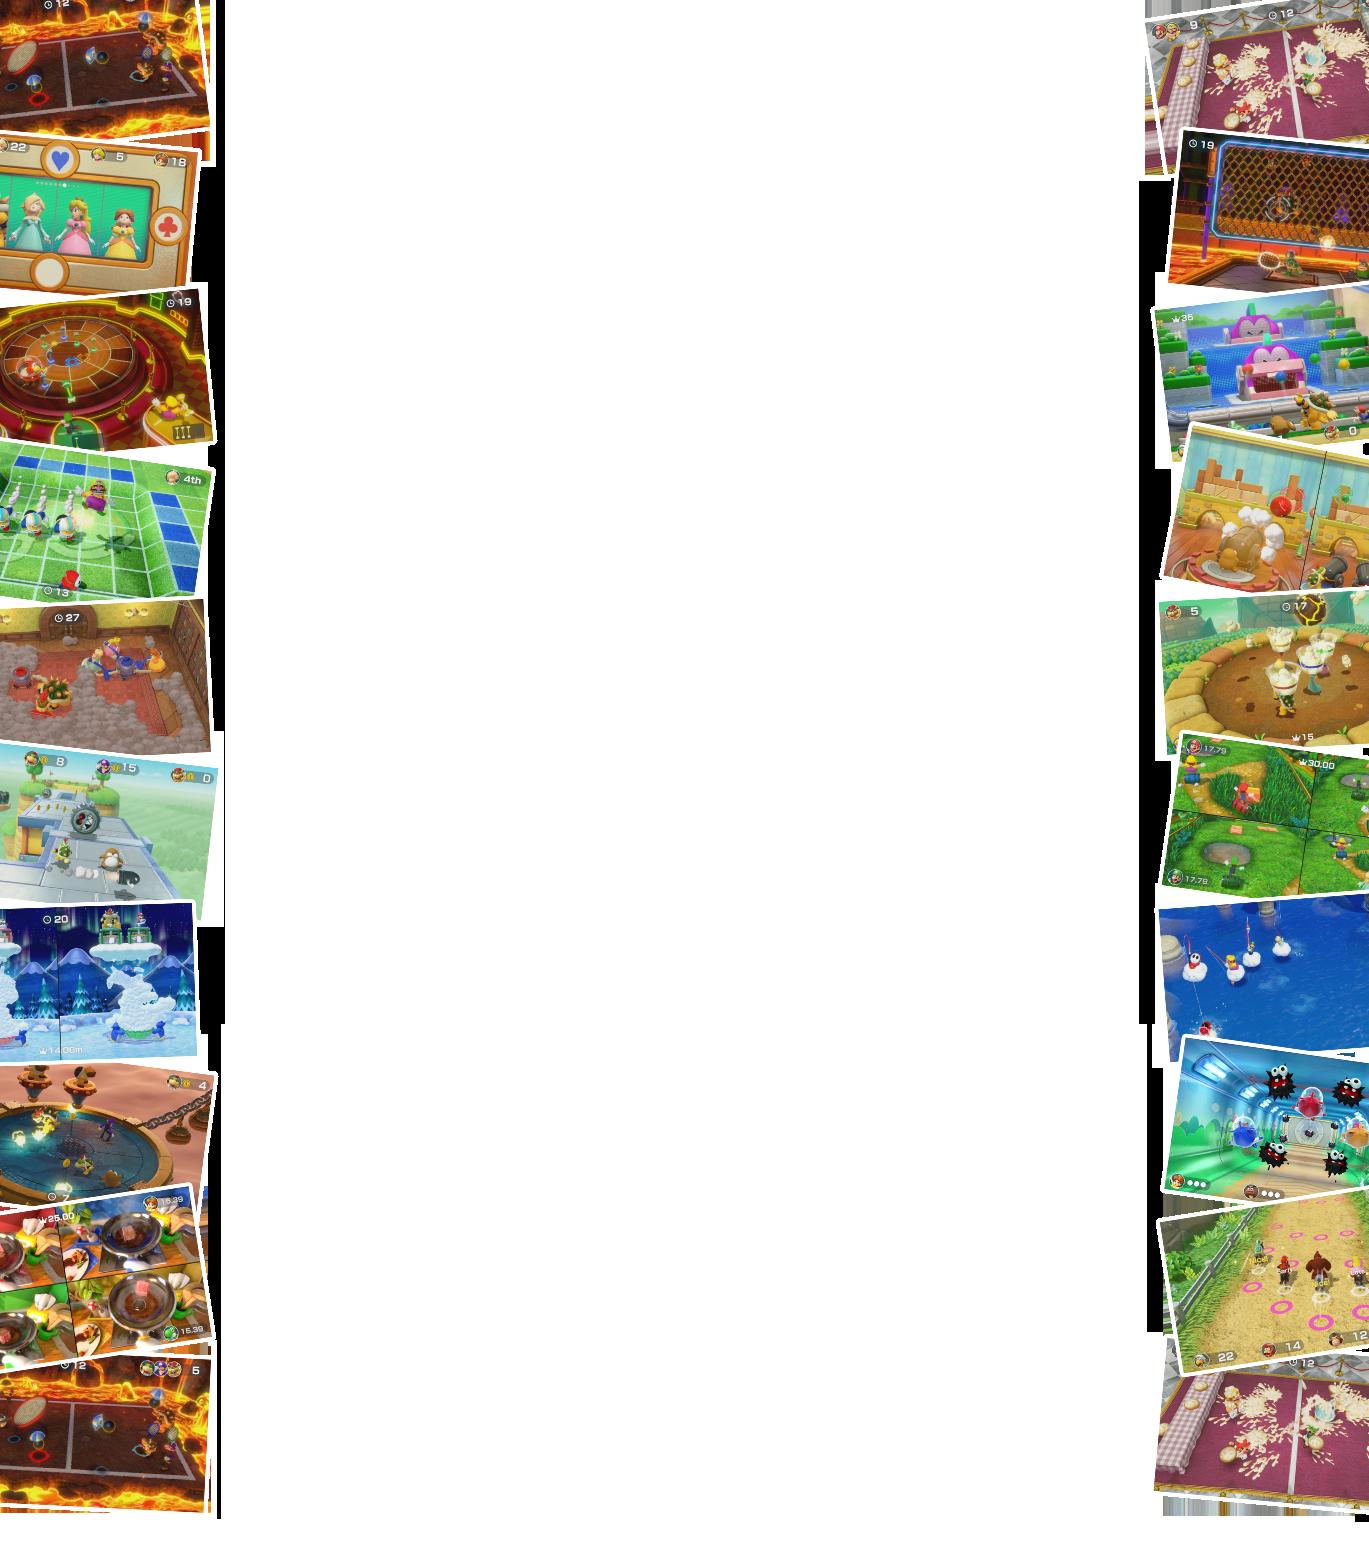 minigames-artwork